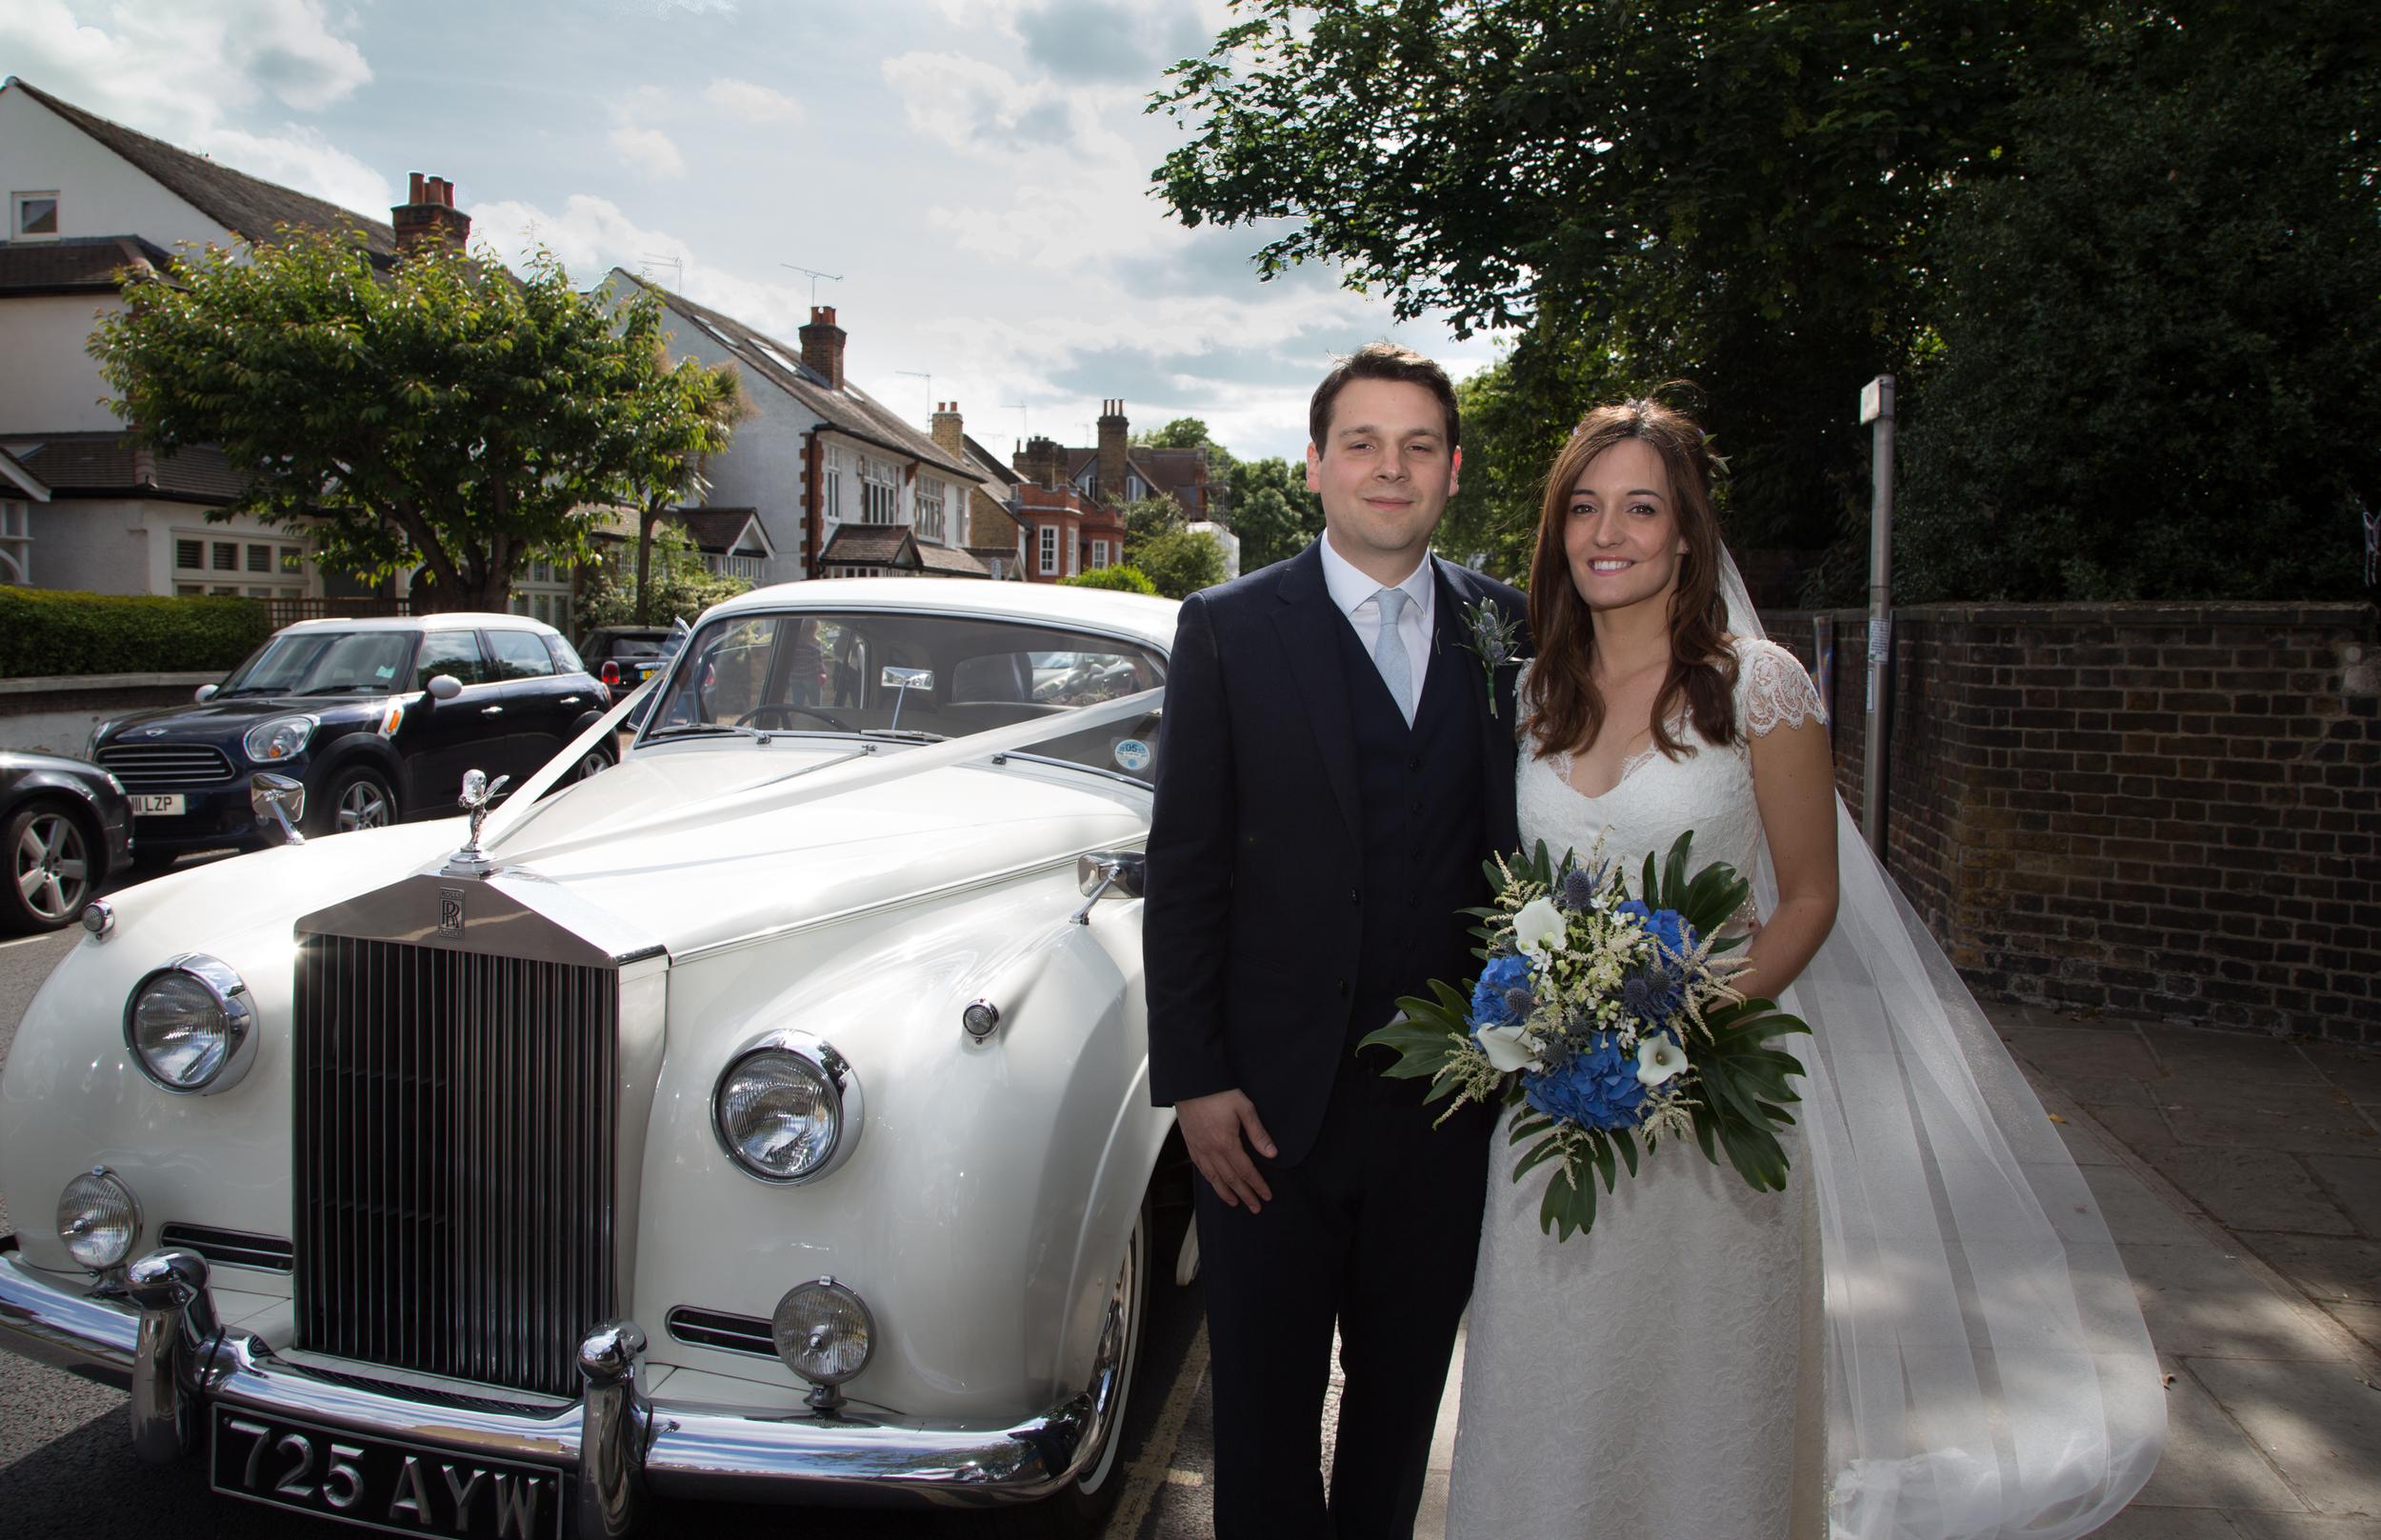 st-marys-church-rolls-royce-london-uk-destination-wedding-photography-Adam-Rowley